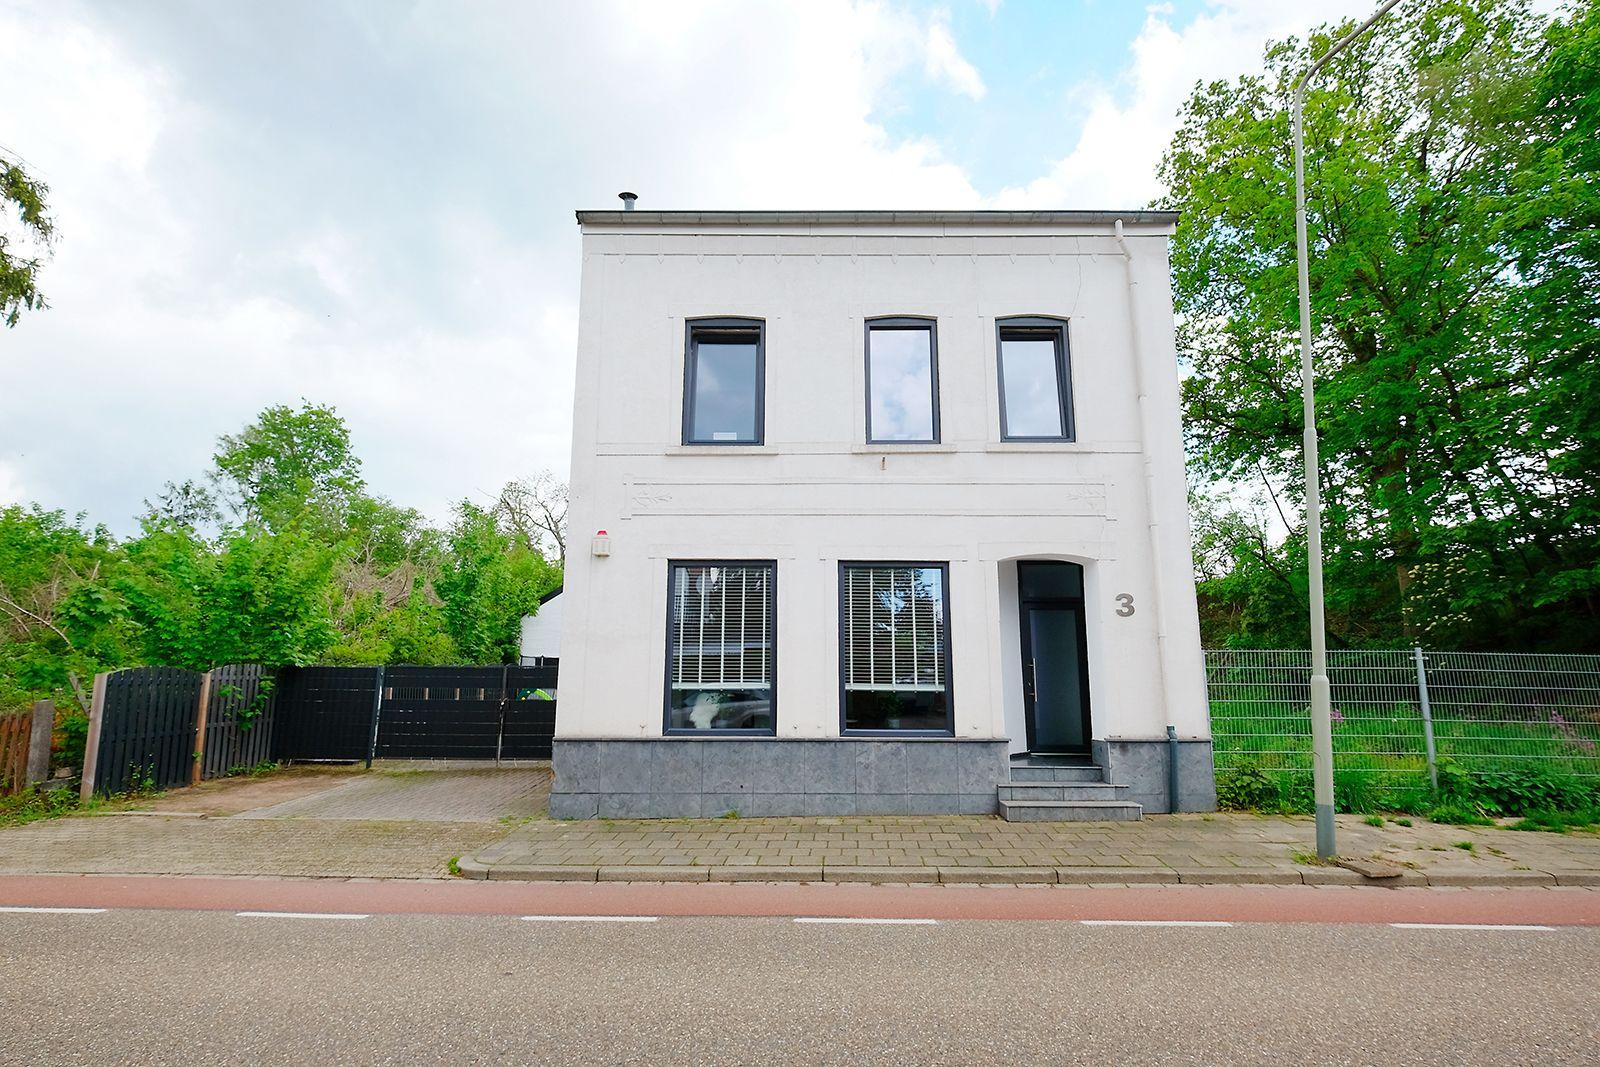 Grensstraat 3, Landgraaf